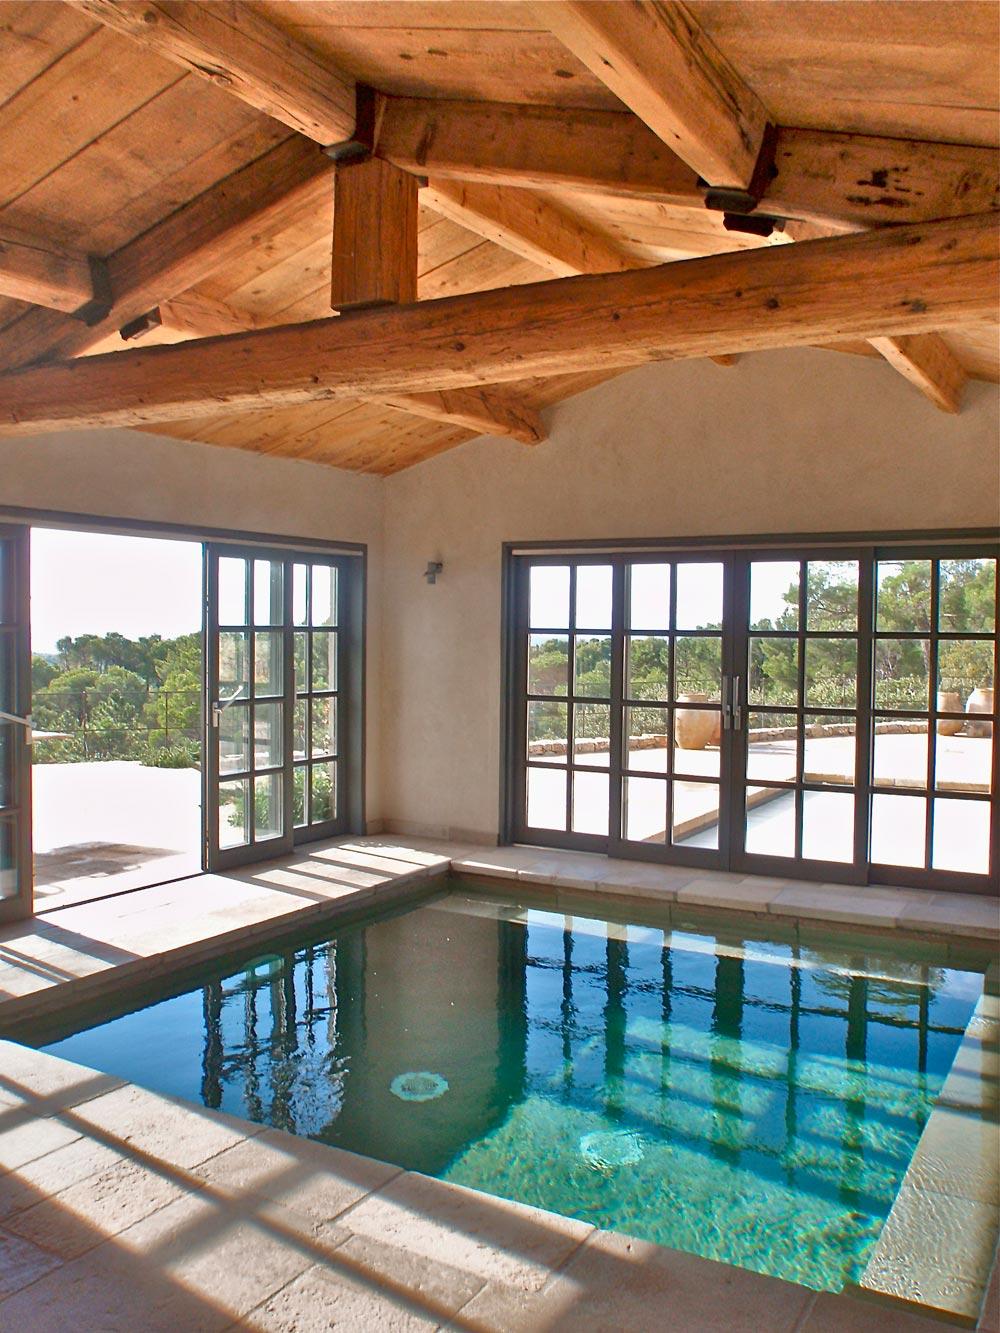 Dallage et margelles de piscine en pierre de taille